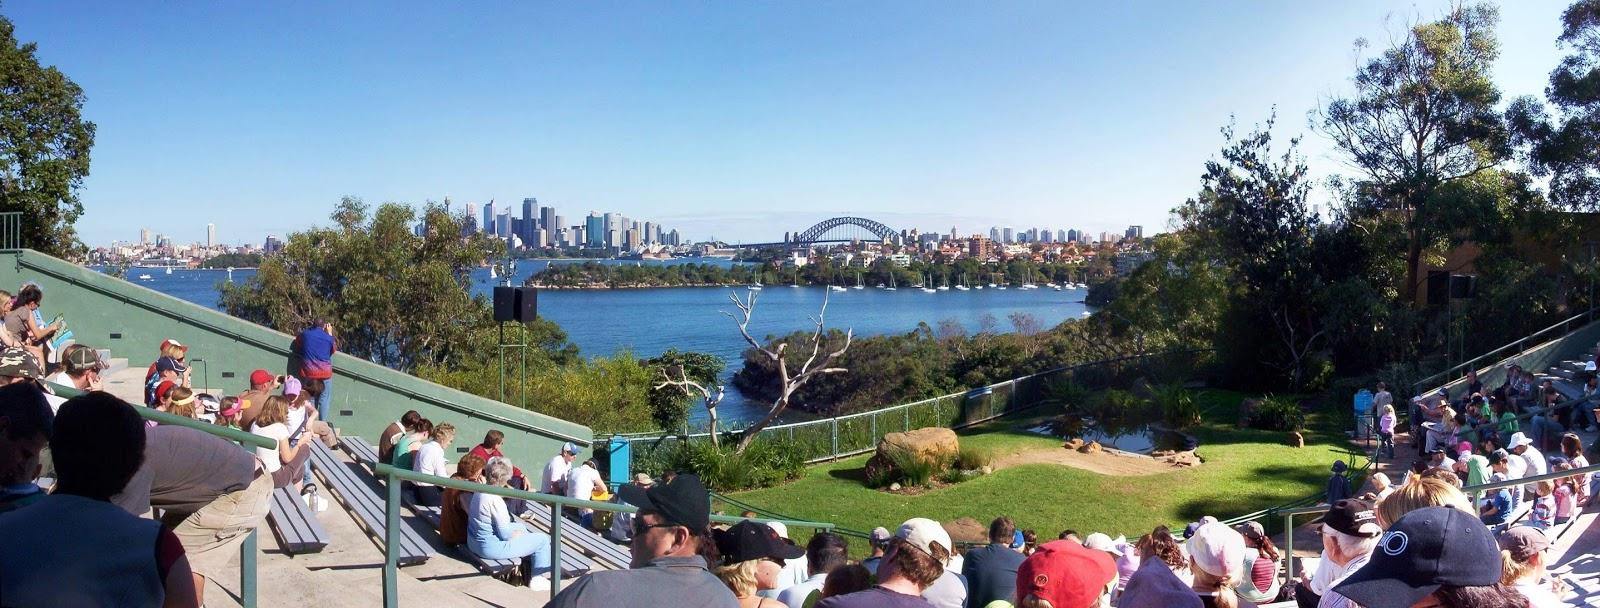 雪梨-雪梨景點-市區-推薦-雪梨必玩景點-雪梨必遊景點-塔龍加動物園-雪梨旅遊景點-雪梨自由行景點-悉尼景點-澳洲-Sydney-Tourist-Attraction-Taronga-Zoo-Travel-Australia